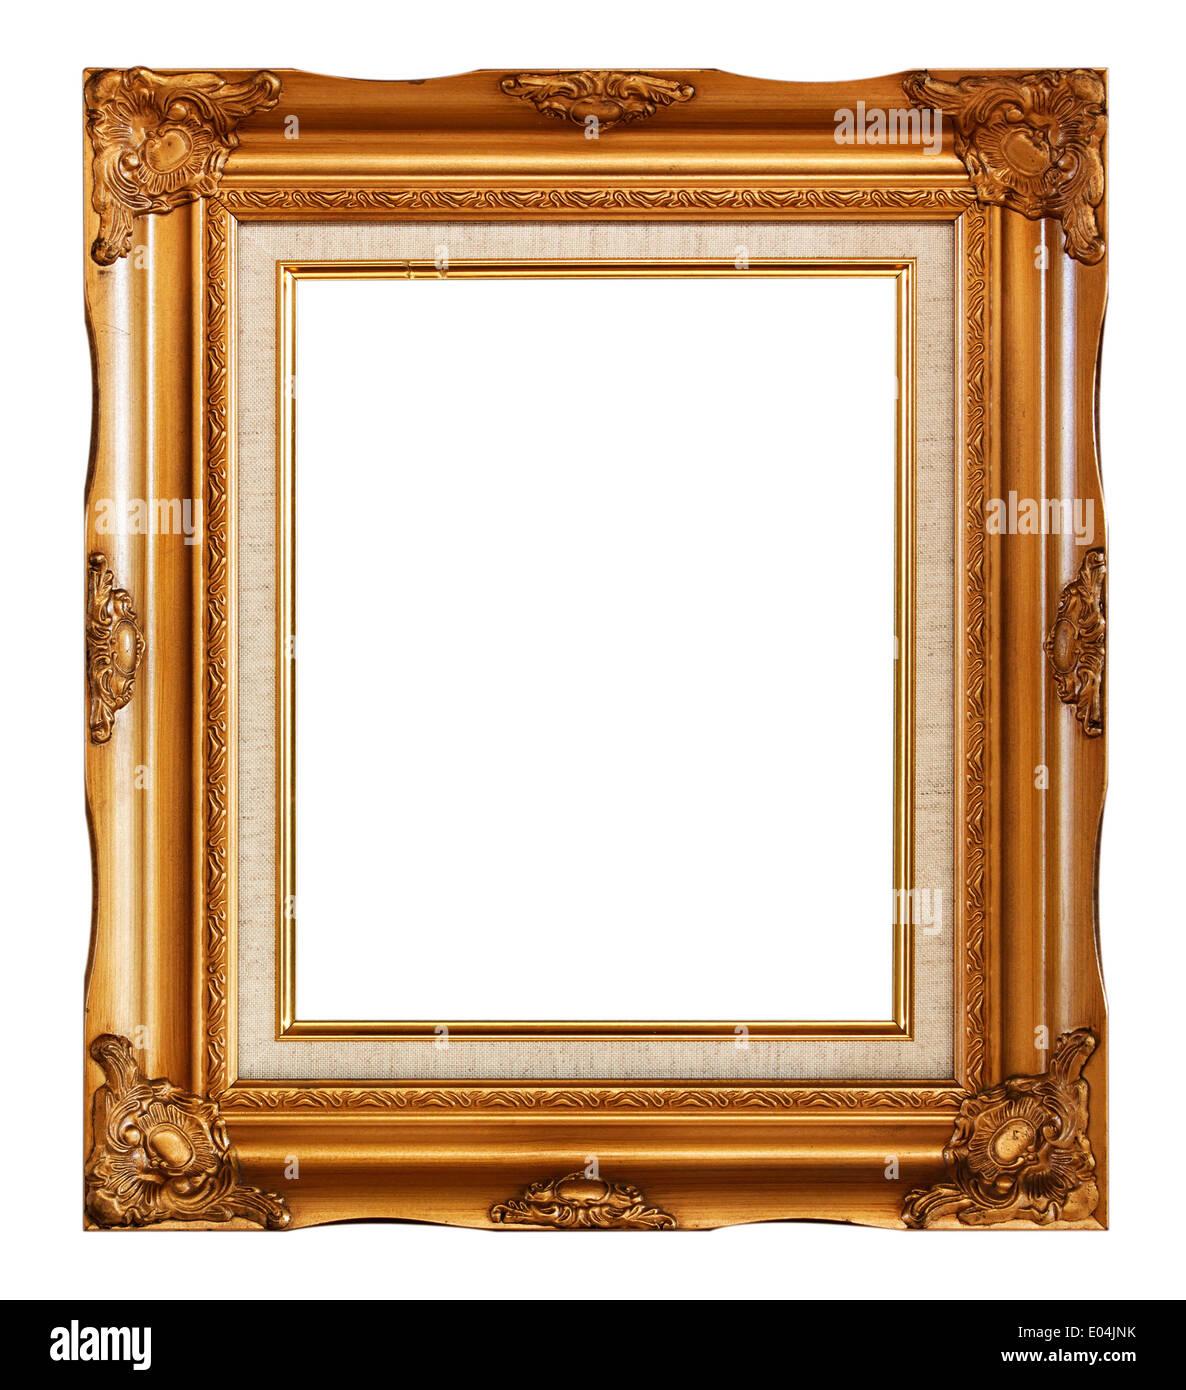 Rahmen gold Holz Bilderrahmen im weißen Hintergrund Stockfoto, Bild ...